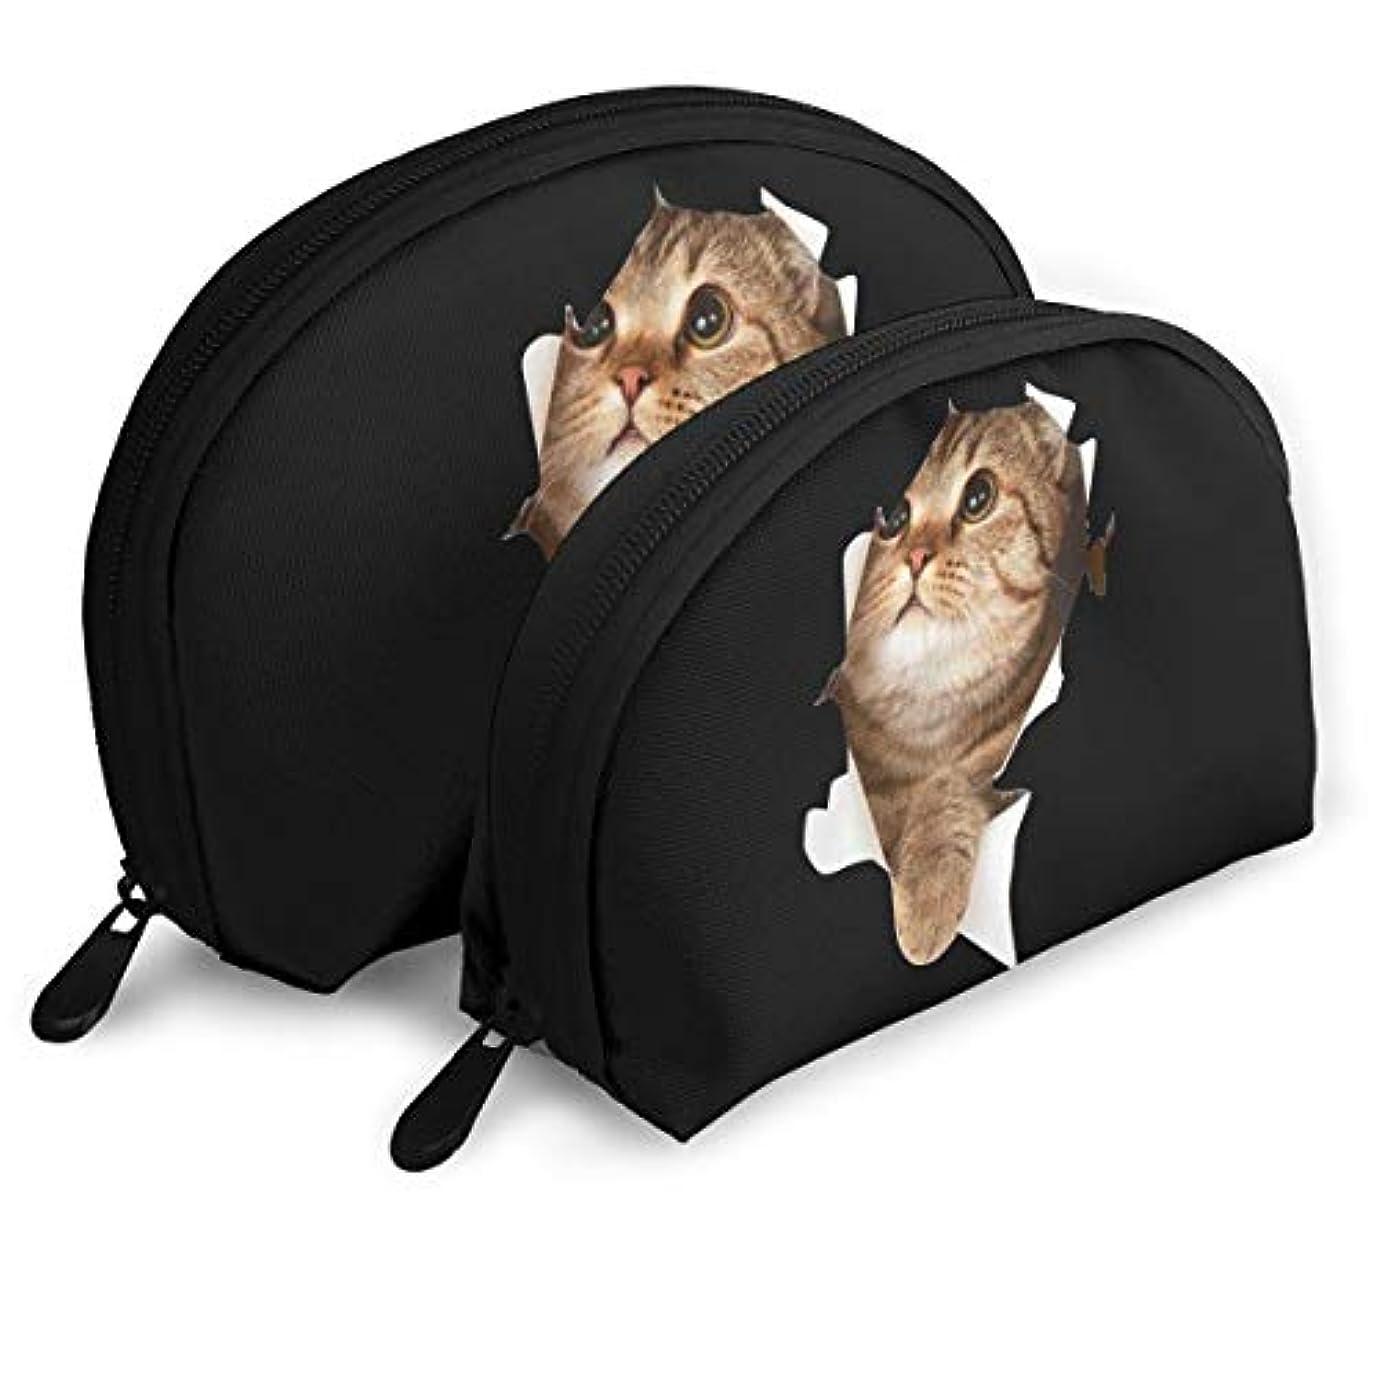 毒アルバニー長いですスコティッシュフォールド 好奇の猫 かわいい メークバッグ 化粧ポーチ 化粧品収納 トイレタリーバッグ 旅行用ポーチ メイクポーチ 小物入れ 軽い 便利 ユニーク 2点セット レディース